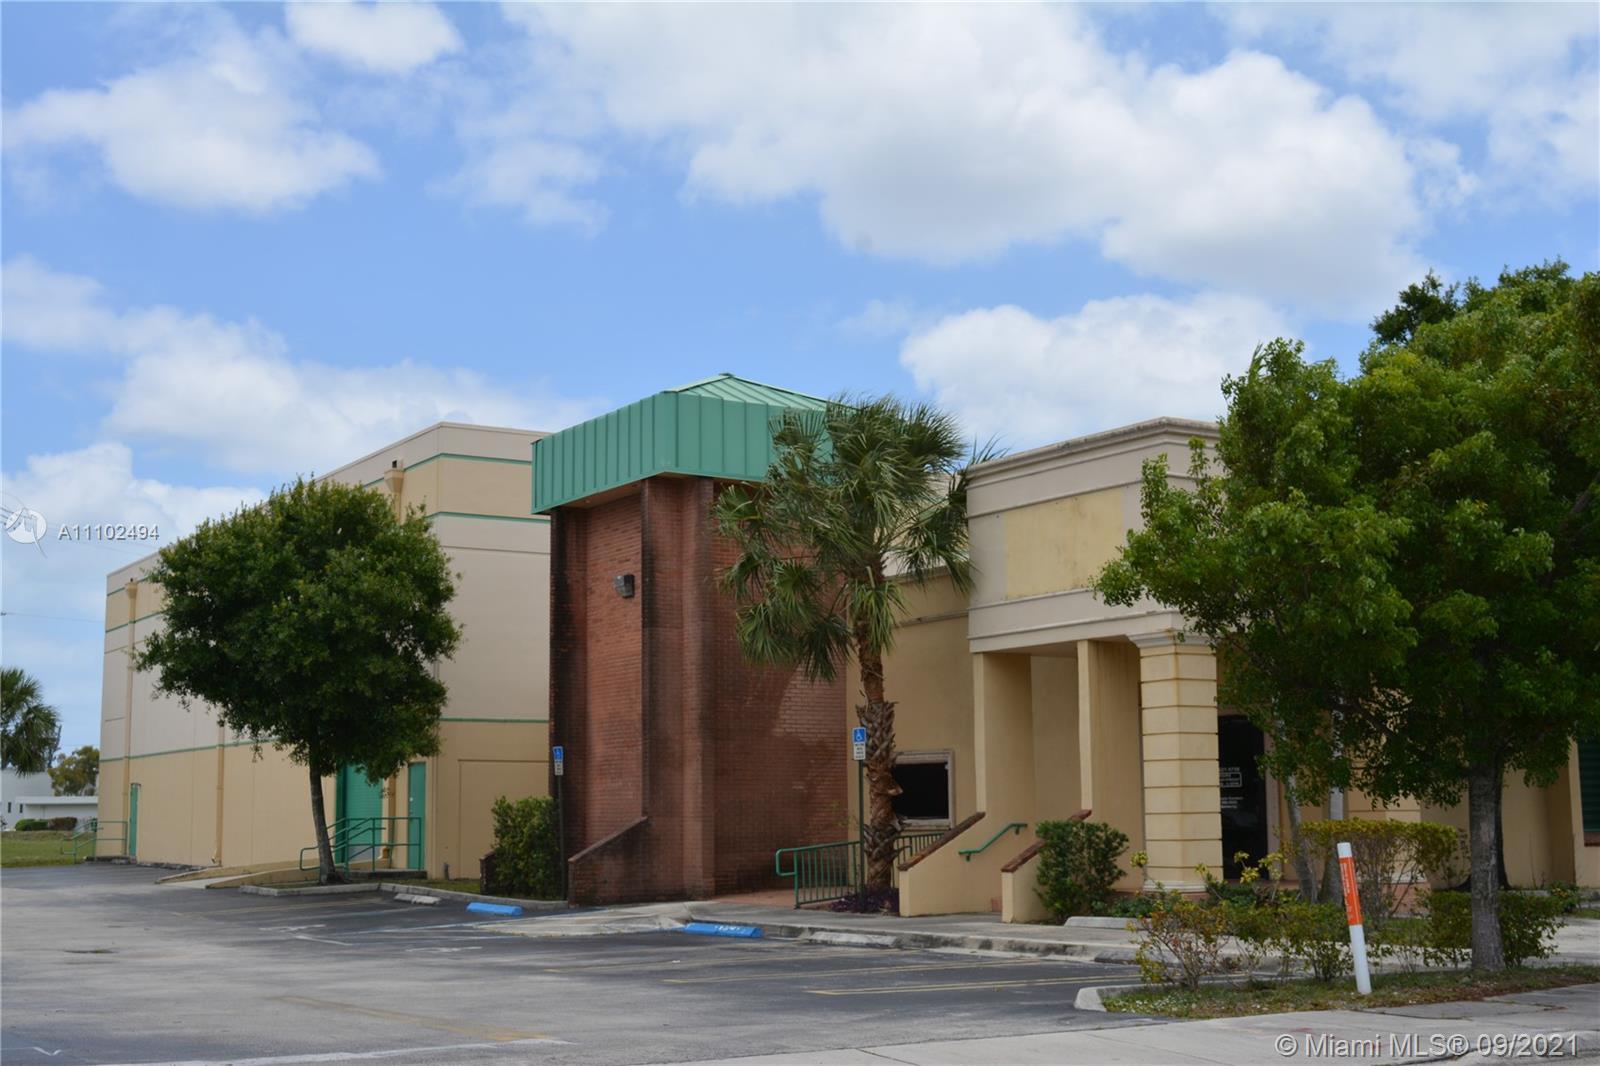 16351 NW 13th Ave, Miami Gardens, FL 33169